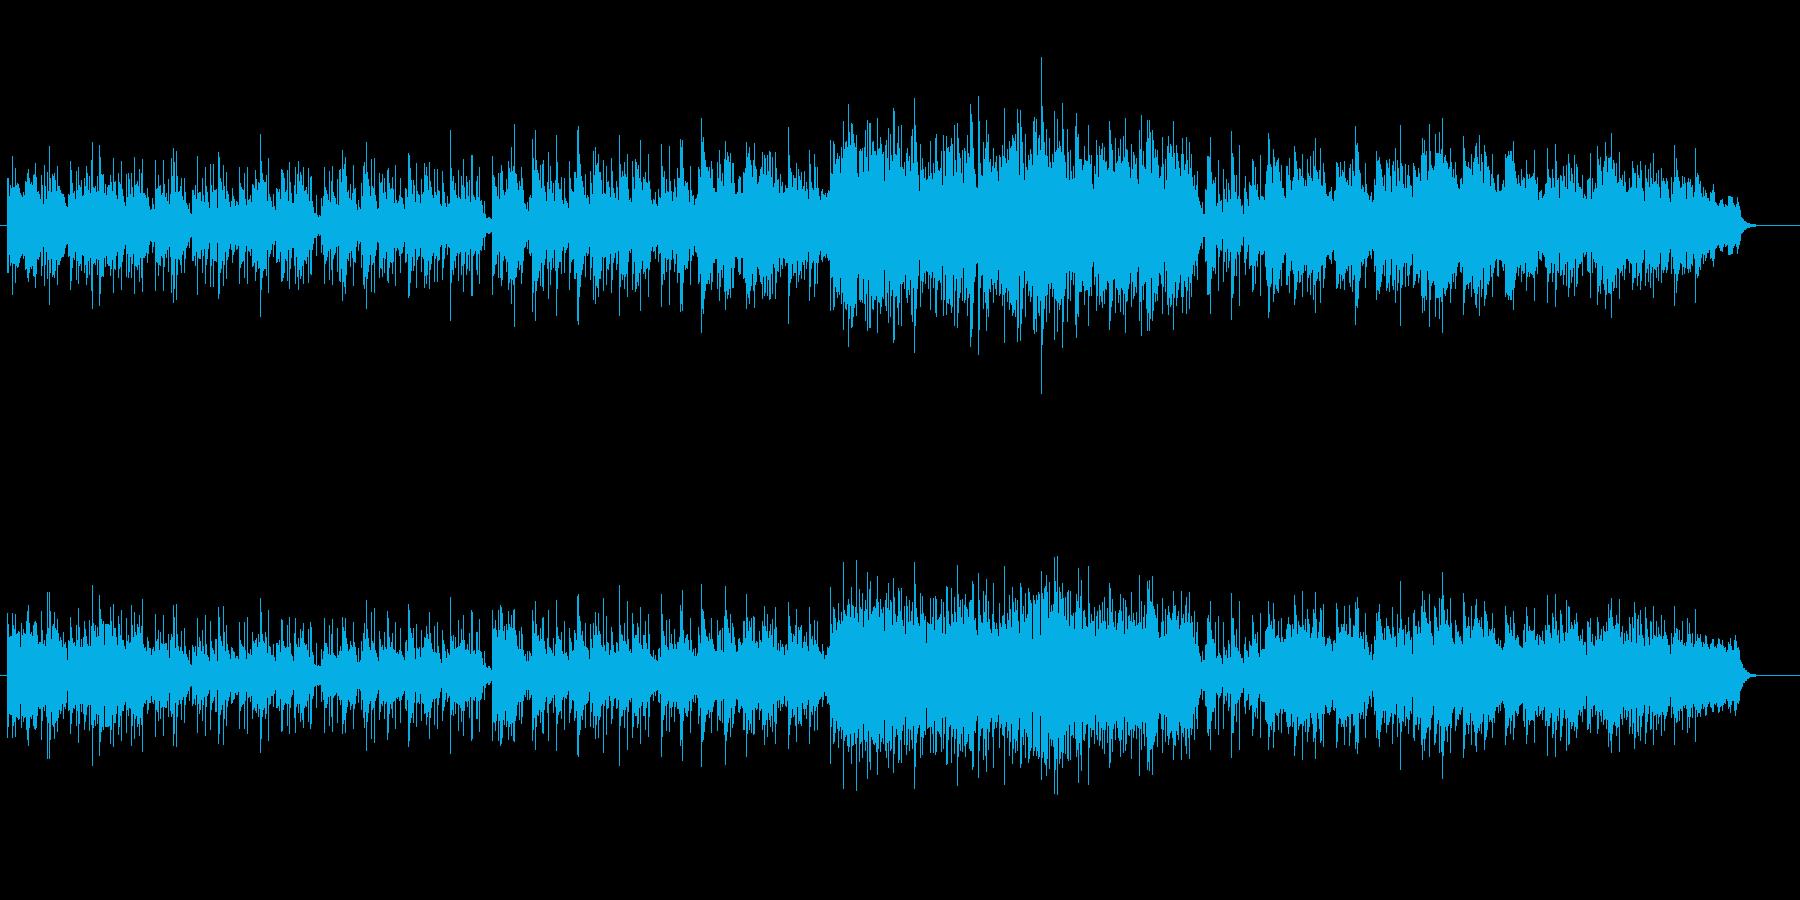 ミディアム・テンポのニューミュージックの再生済みの波形